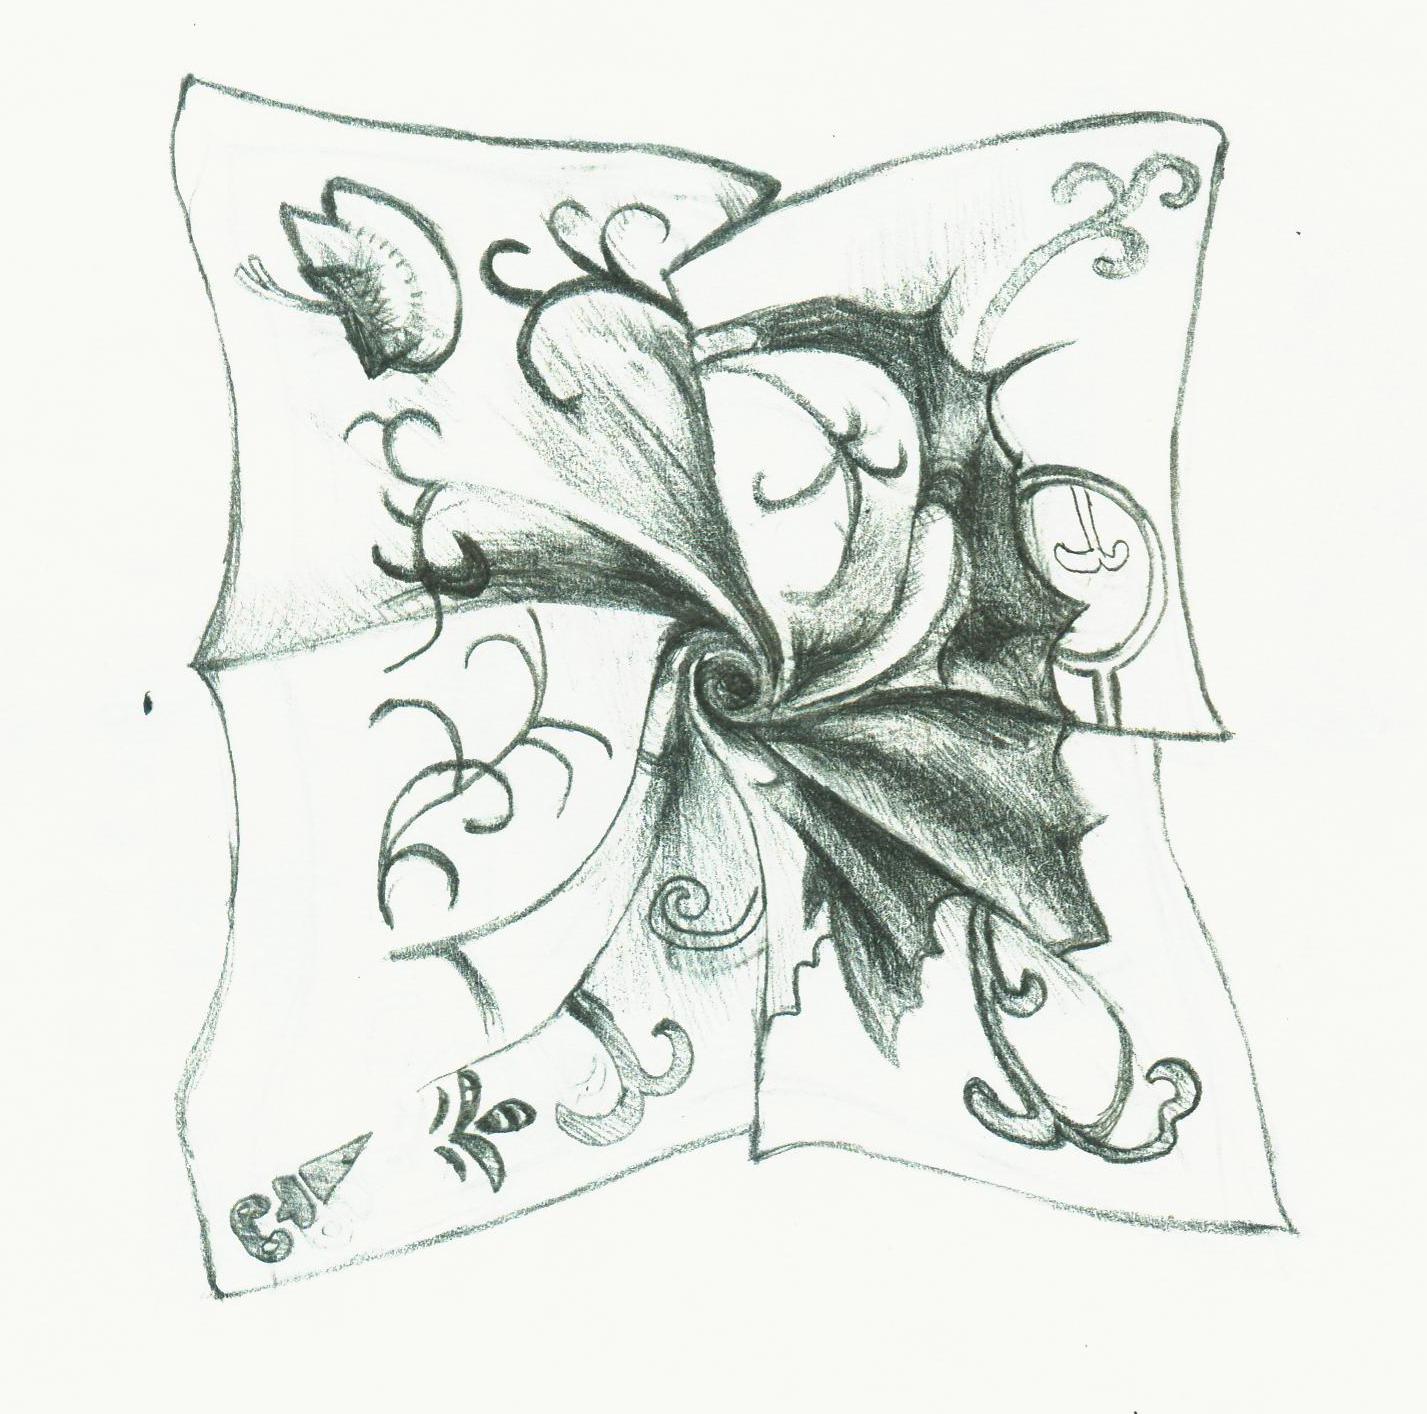 简笔画 手绘 线稿 枕头 1427_1414